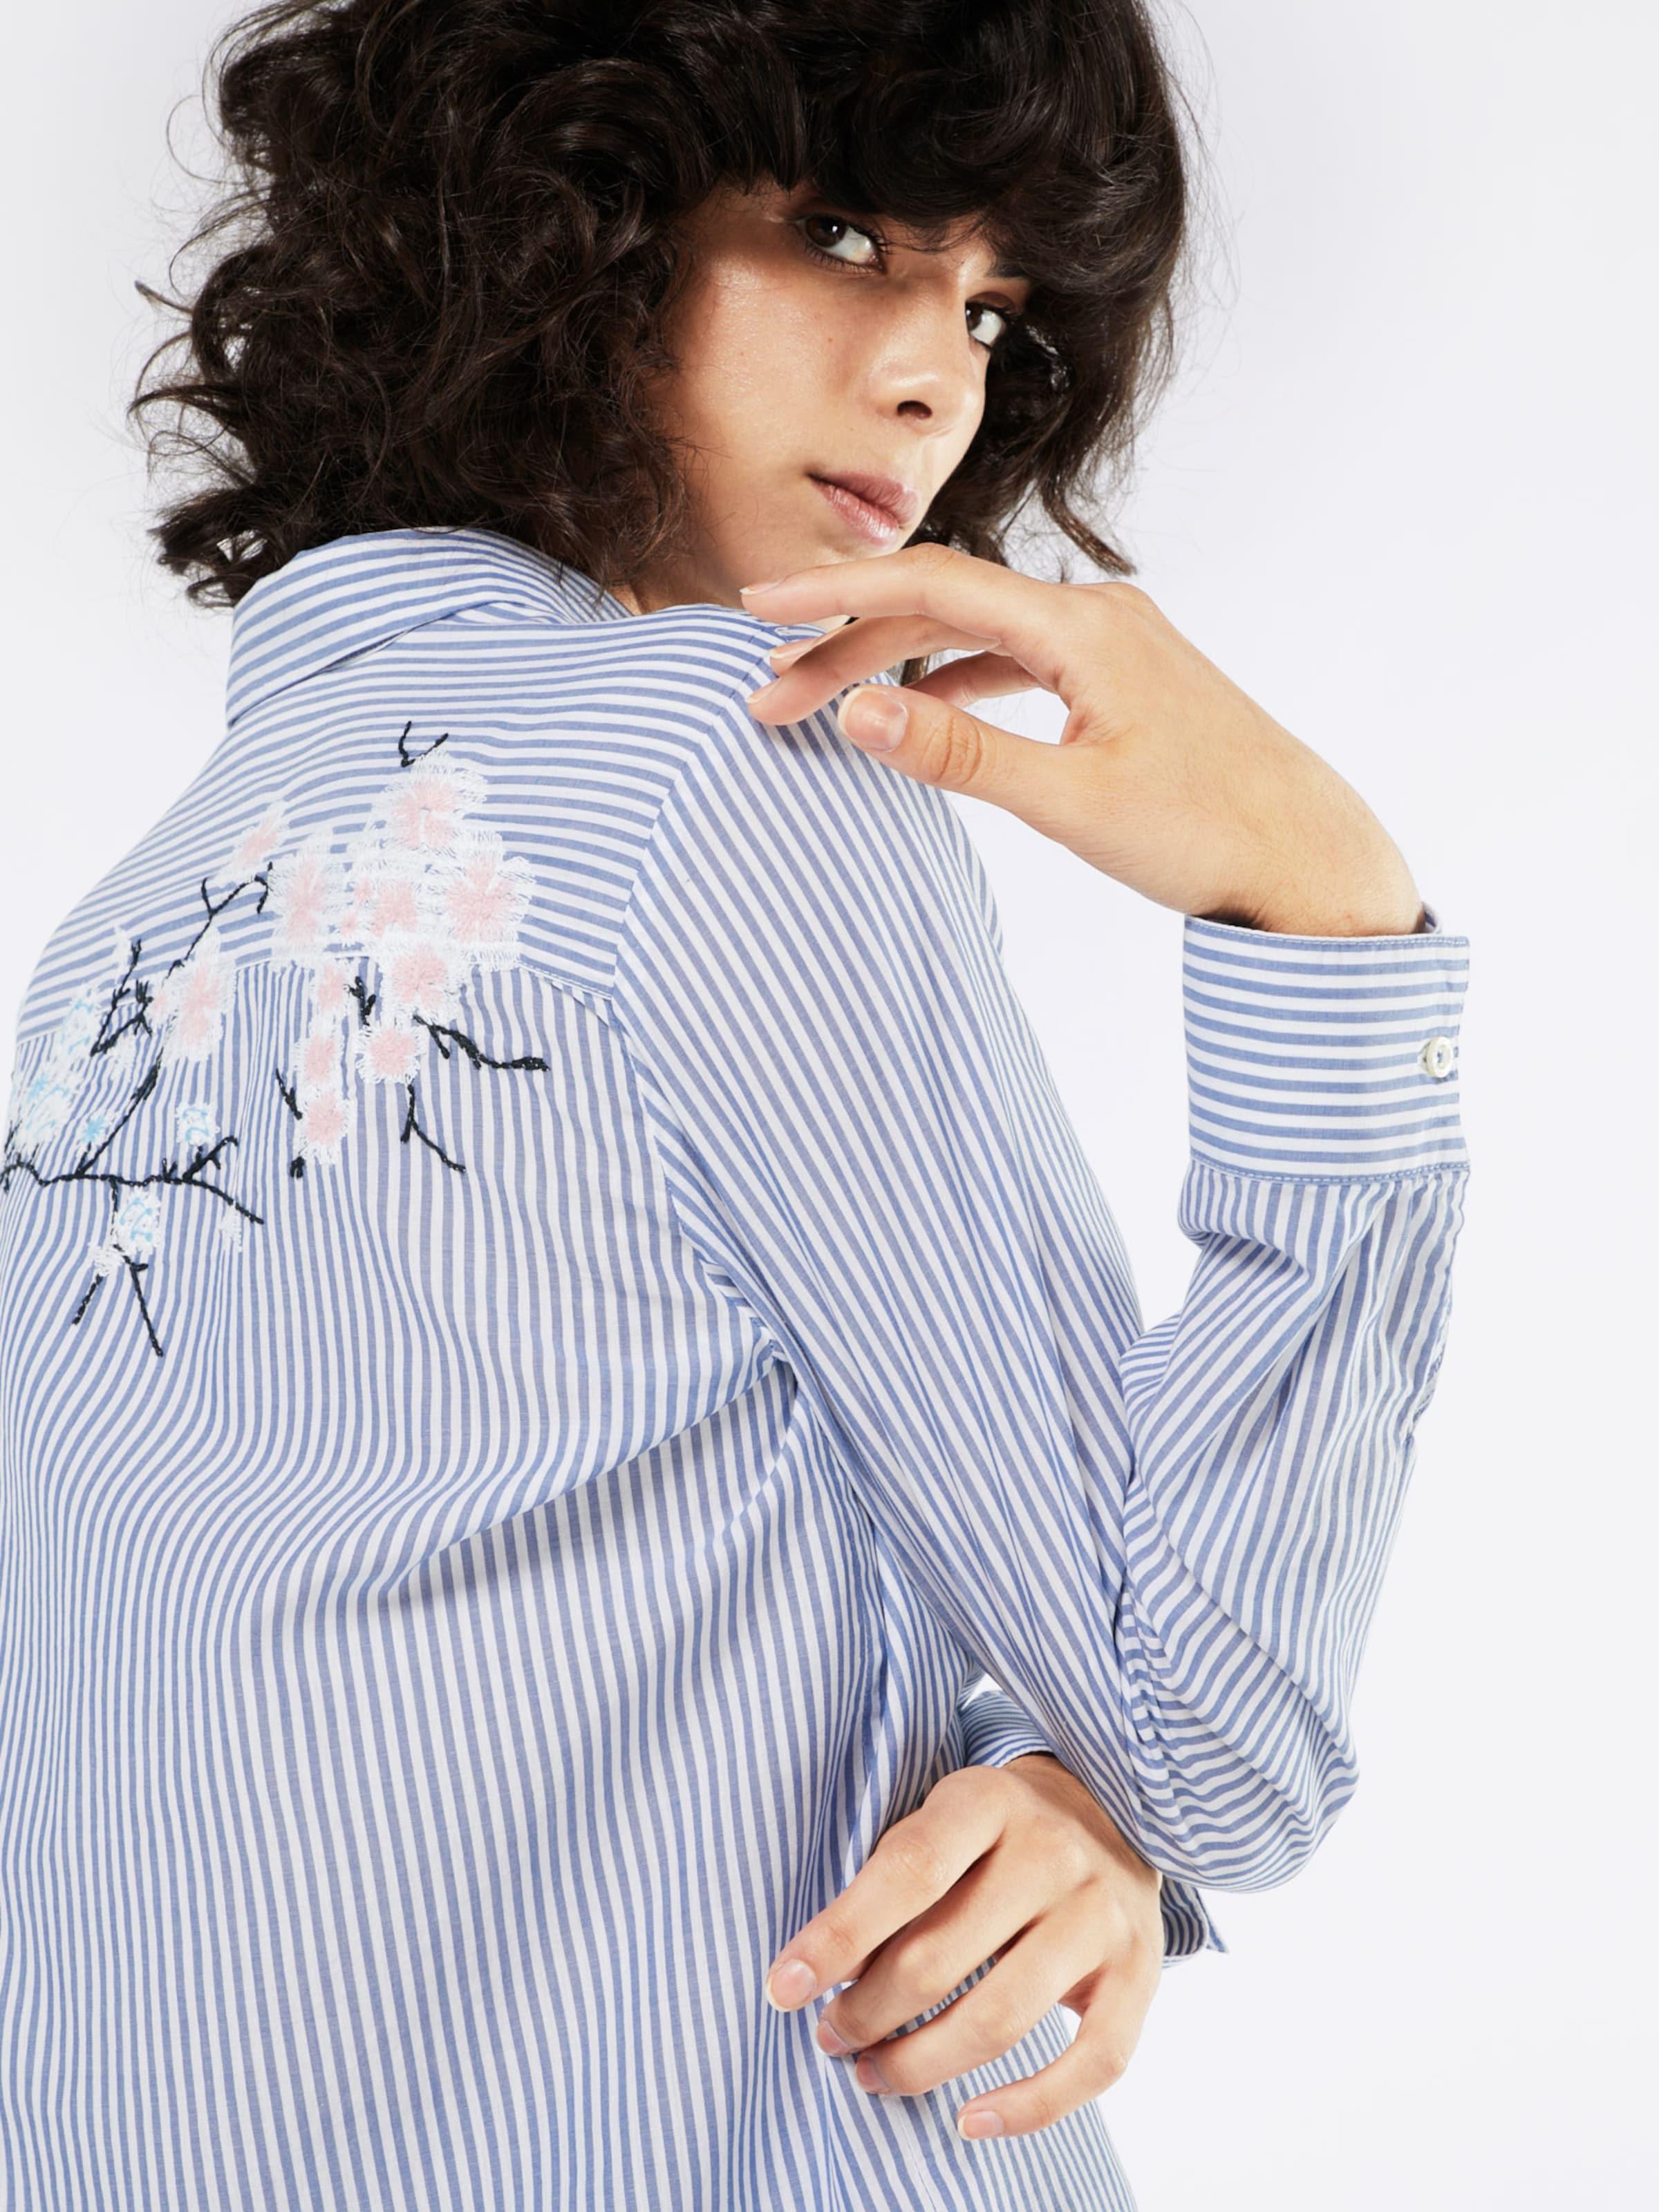 Emily Van Den Bergh Bluse im Streifenmuster Shop Online-Verkauf 2uCvBYJC